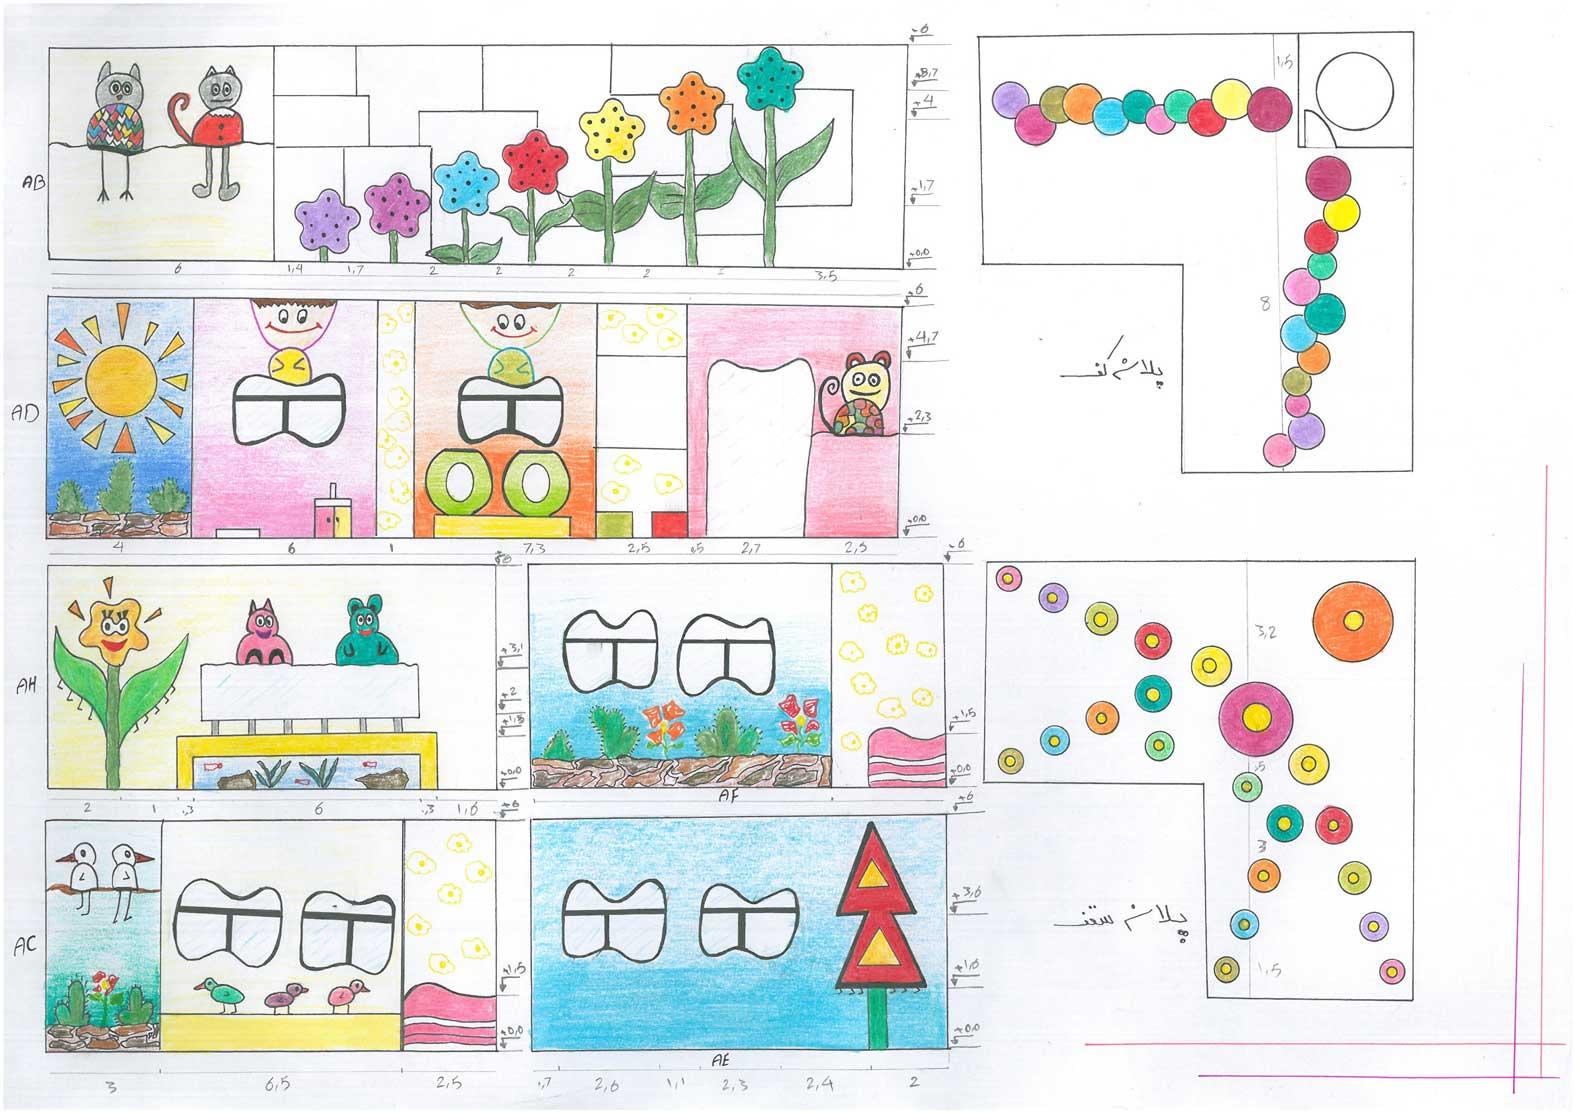 مقدمات طراحی معماری داخلی0137